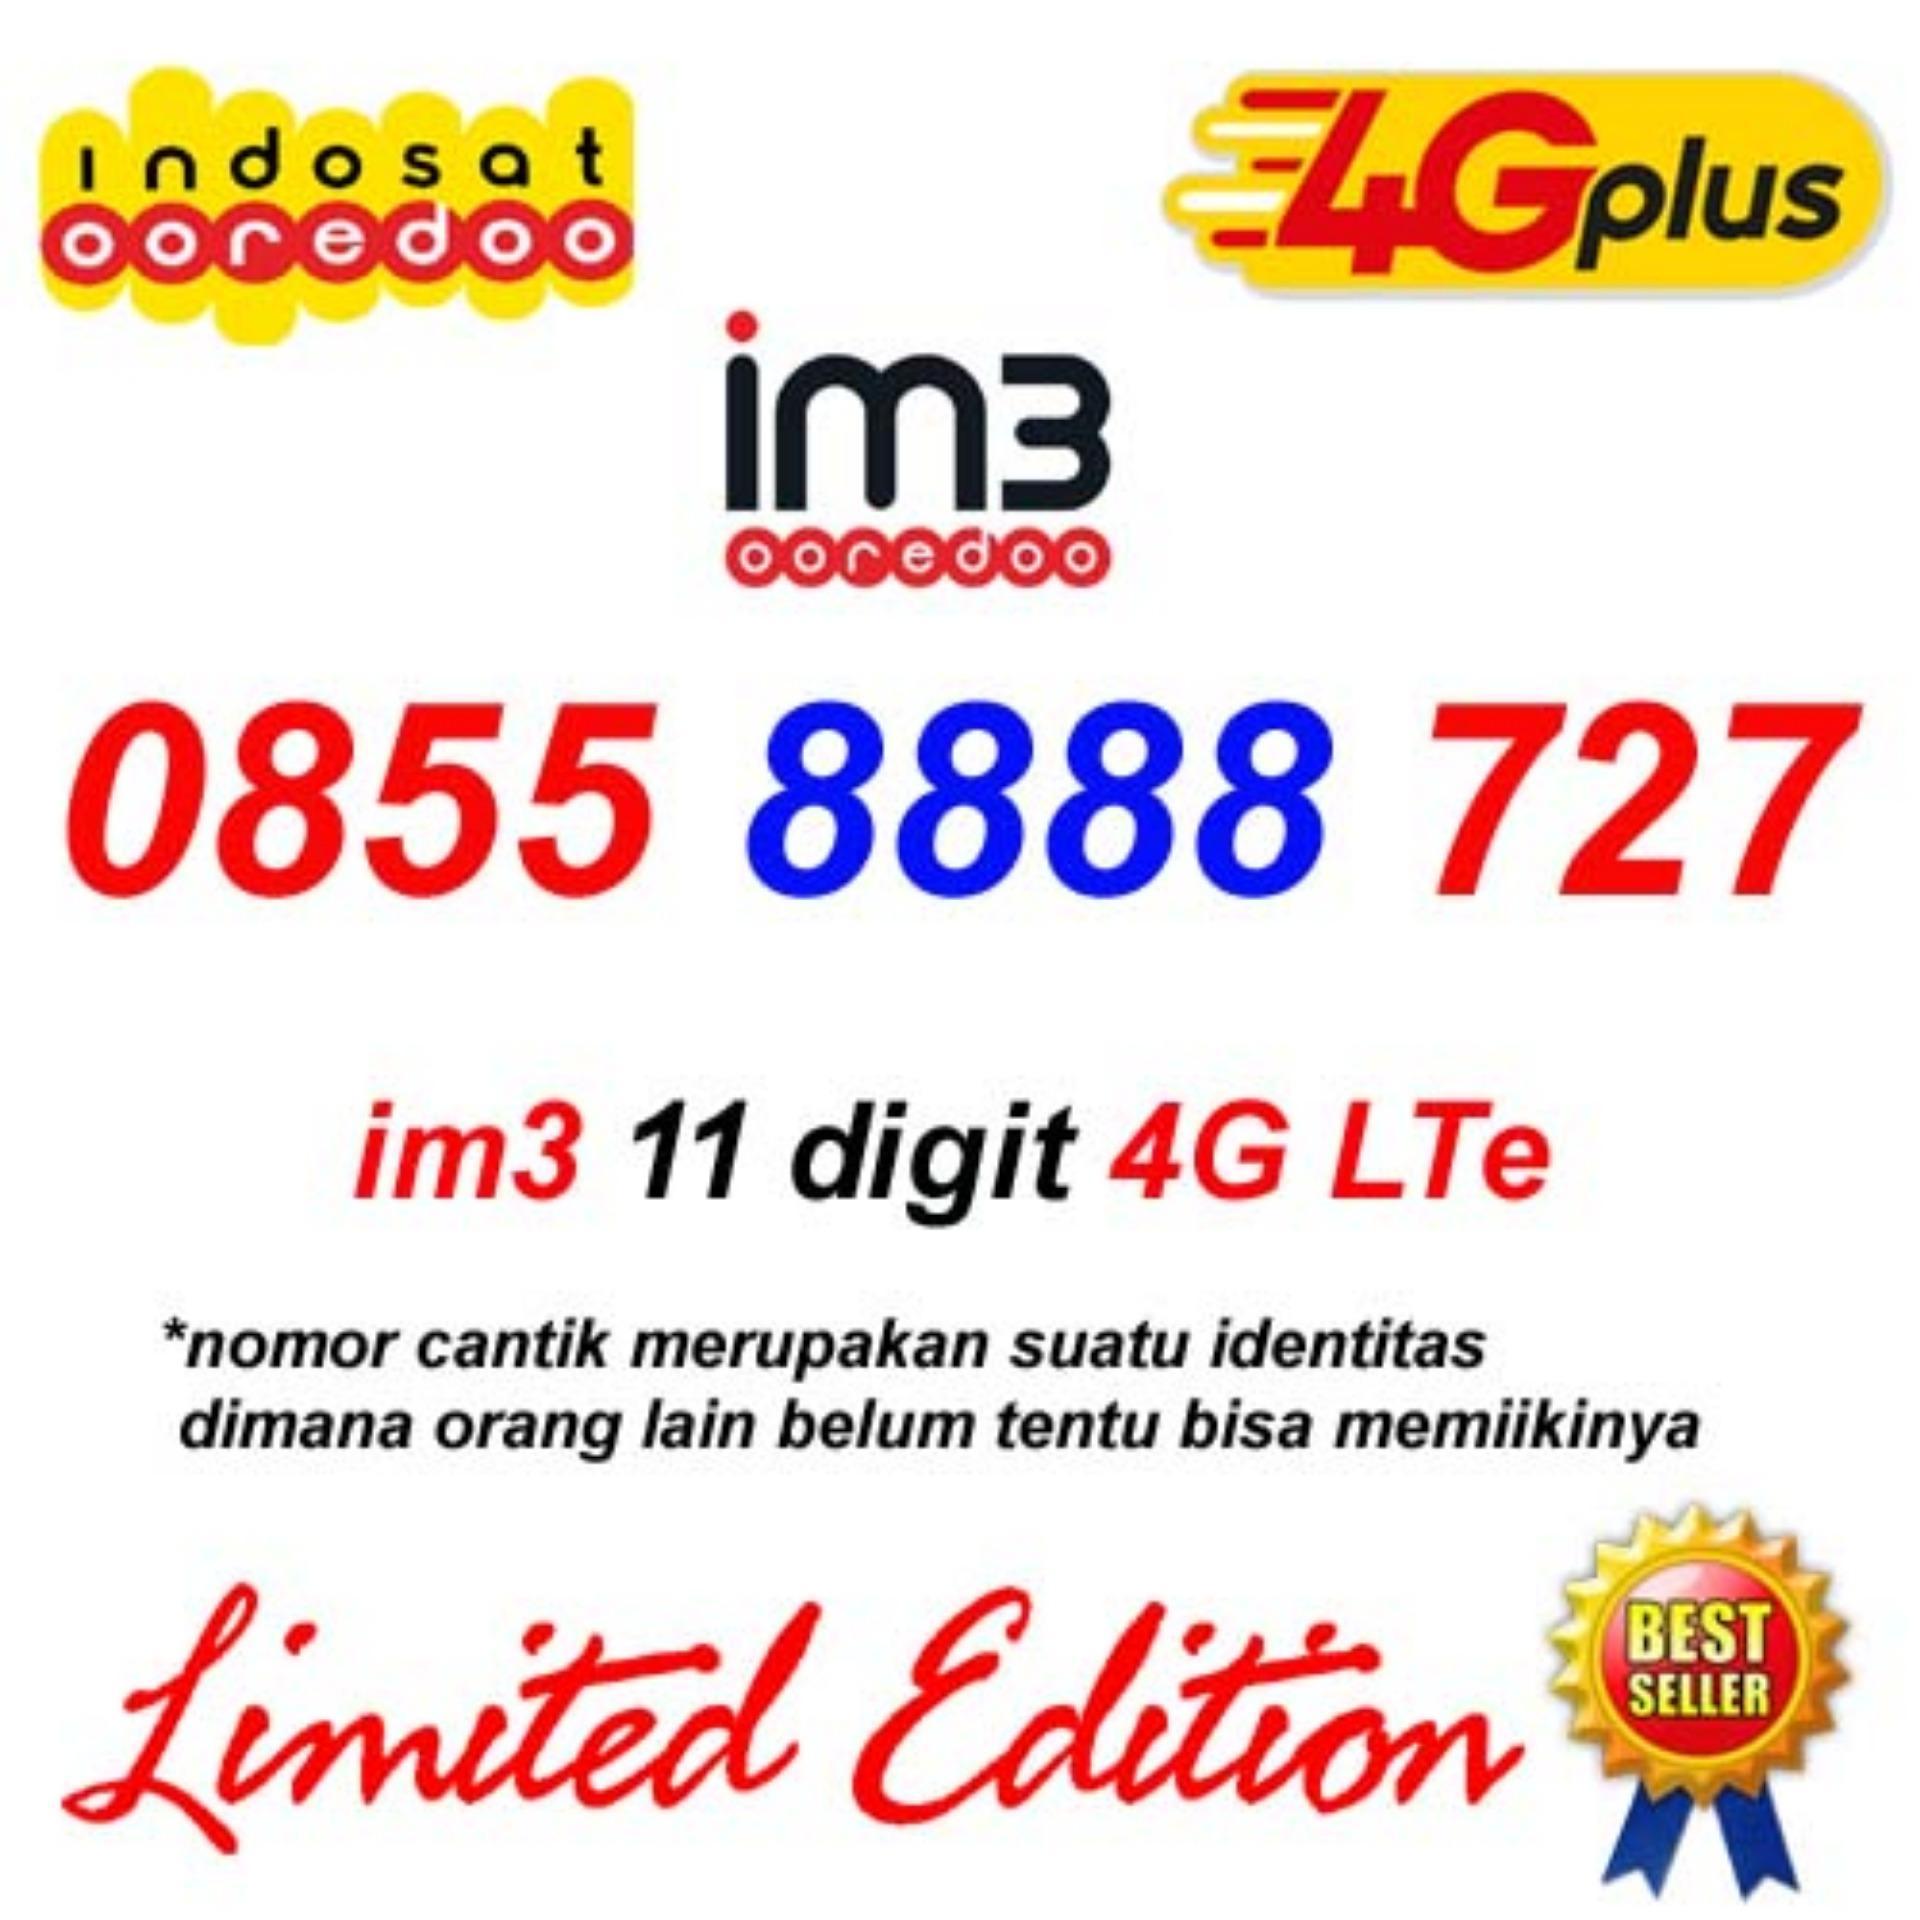 Jual Produk Indosat Terlengkap Kartu Perdana 42gb Im3 11 Digit 0855 8888 727 Nomor Cantik Ooredoo 4g Lte